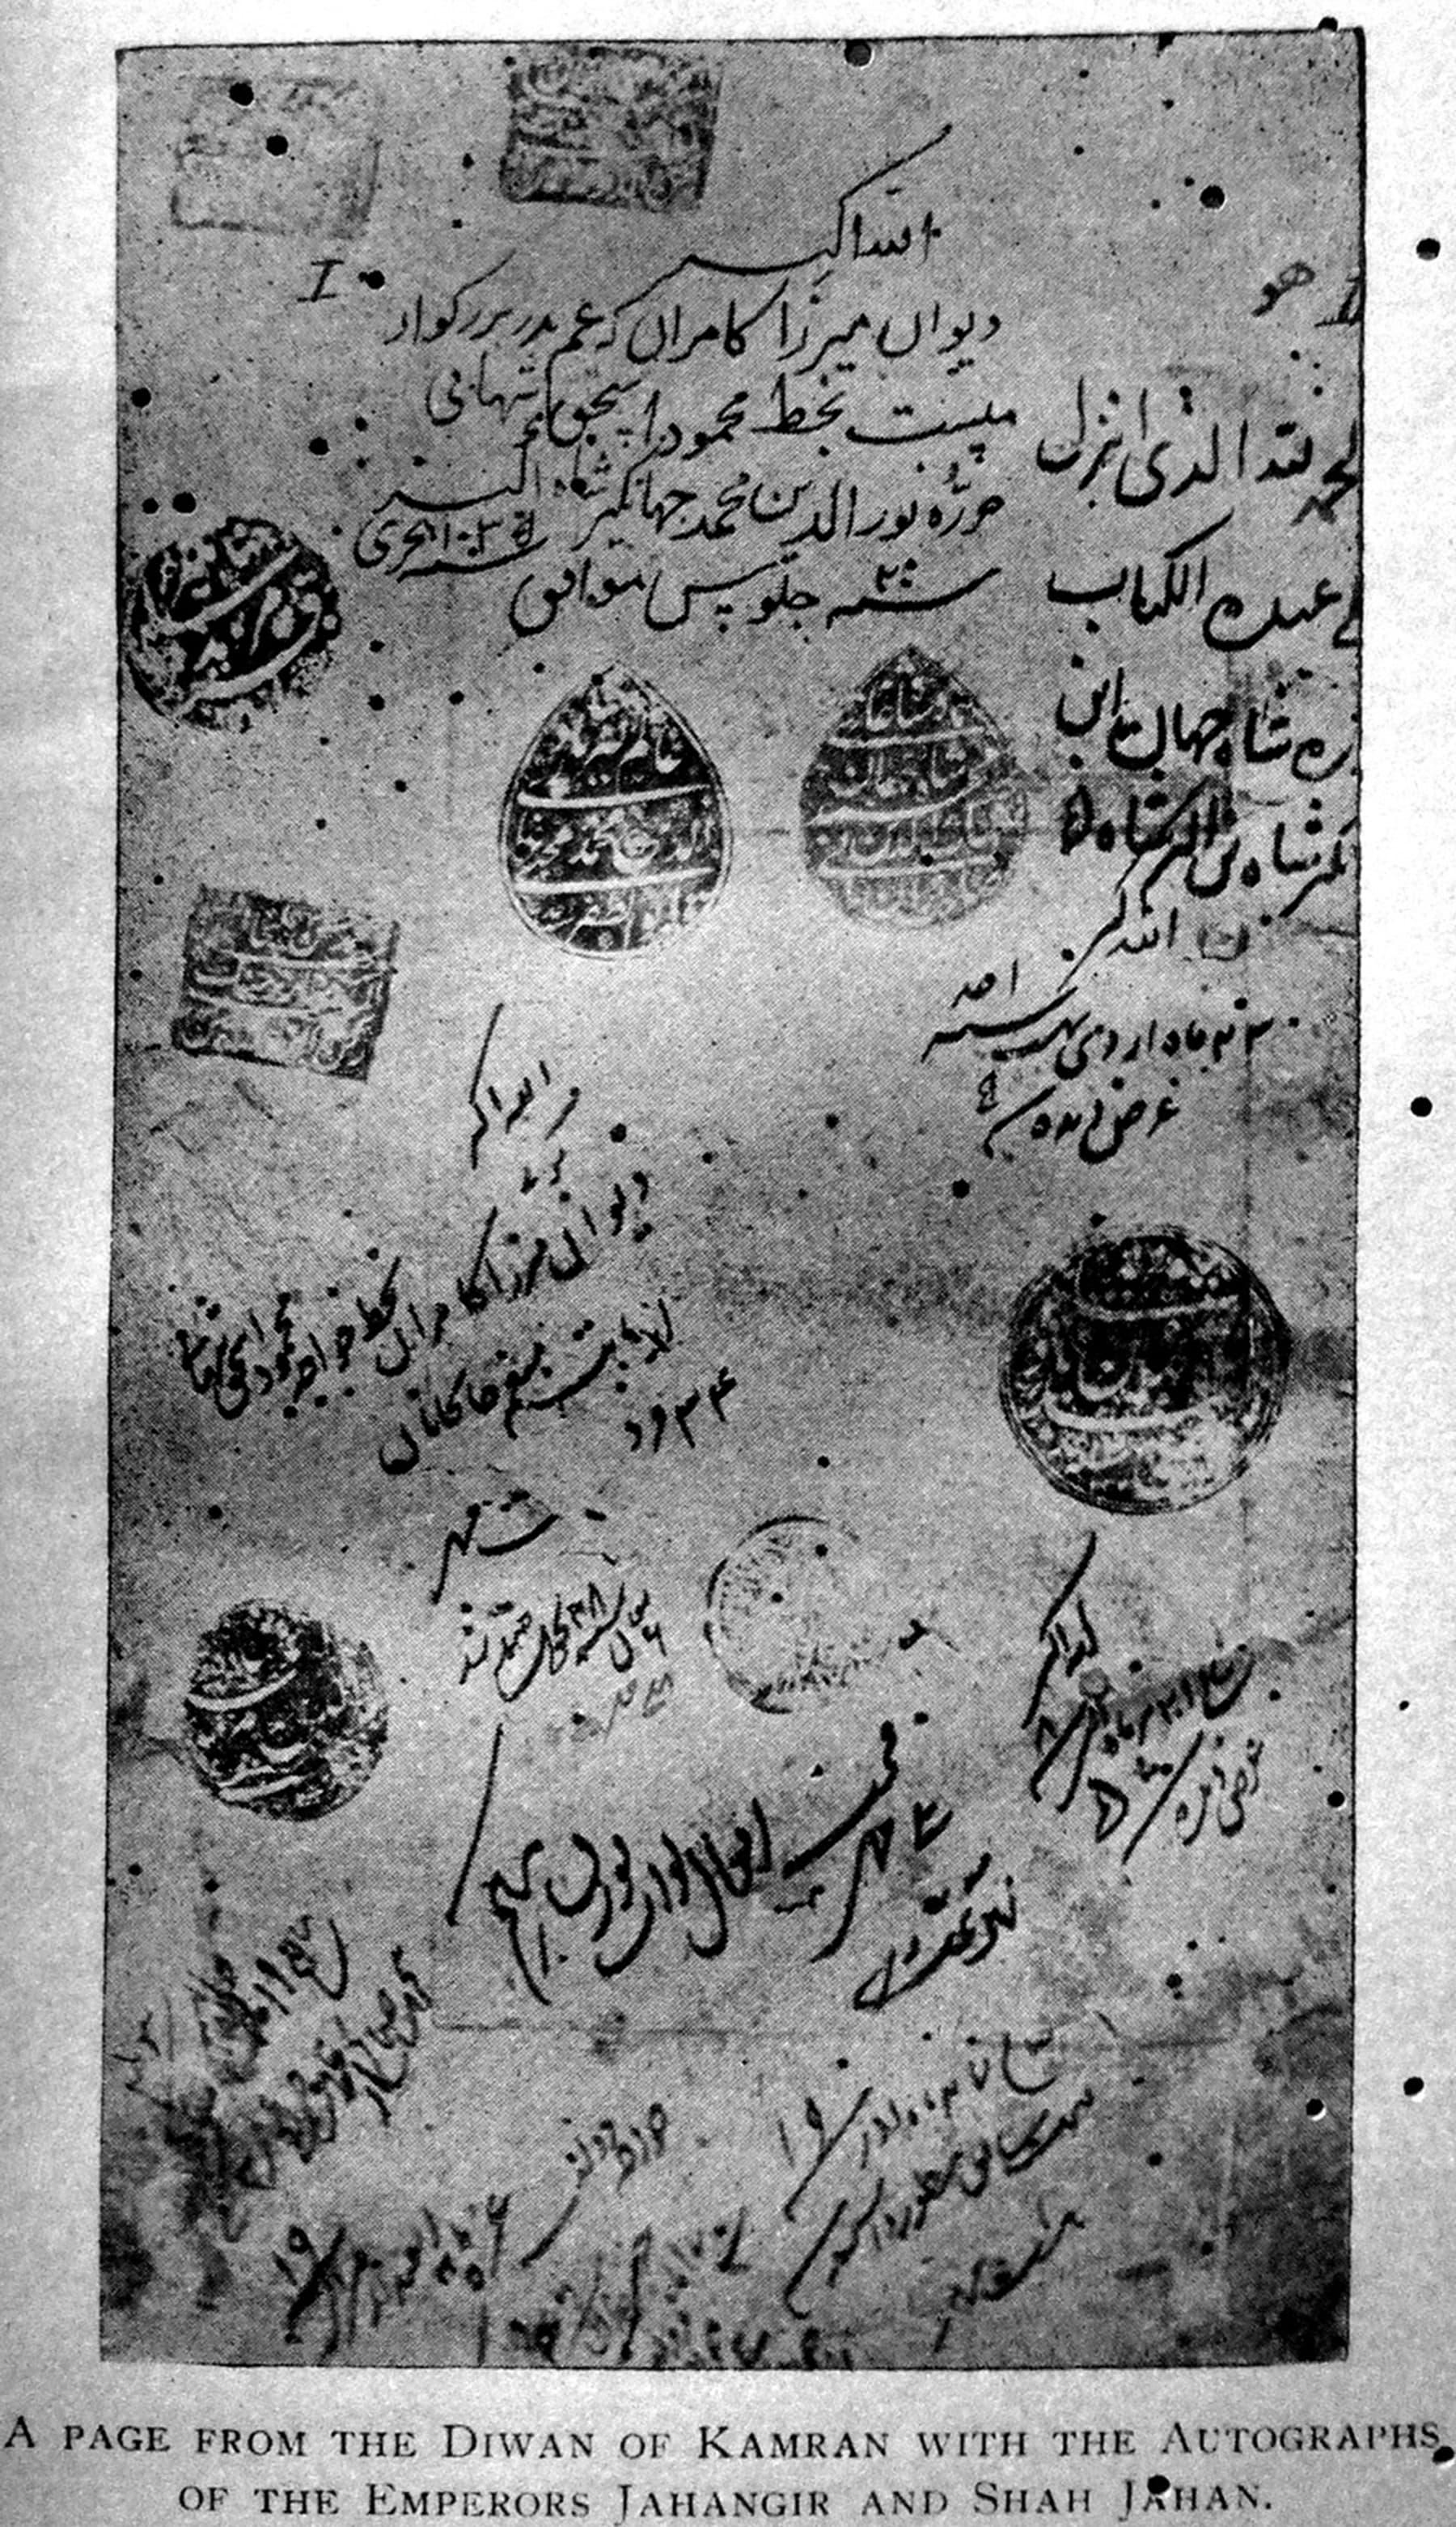 دیوان میرزا کامران کا ایک ورق جس پر مغل شہنشاہ جہانگیر اور شاہ جہاں کے دستخط بھی ثبت ہیں